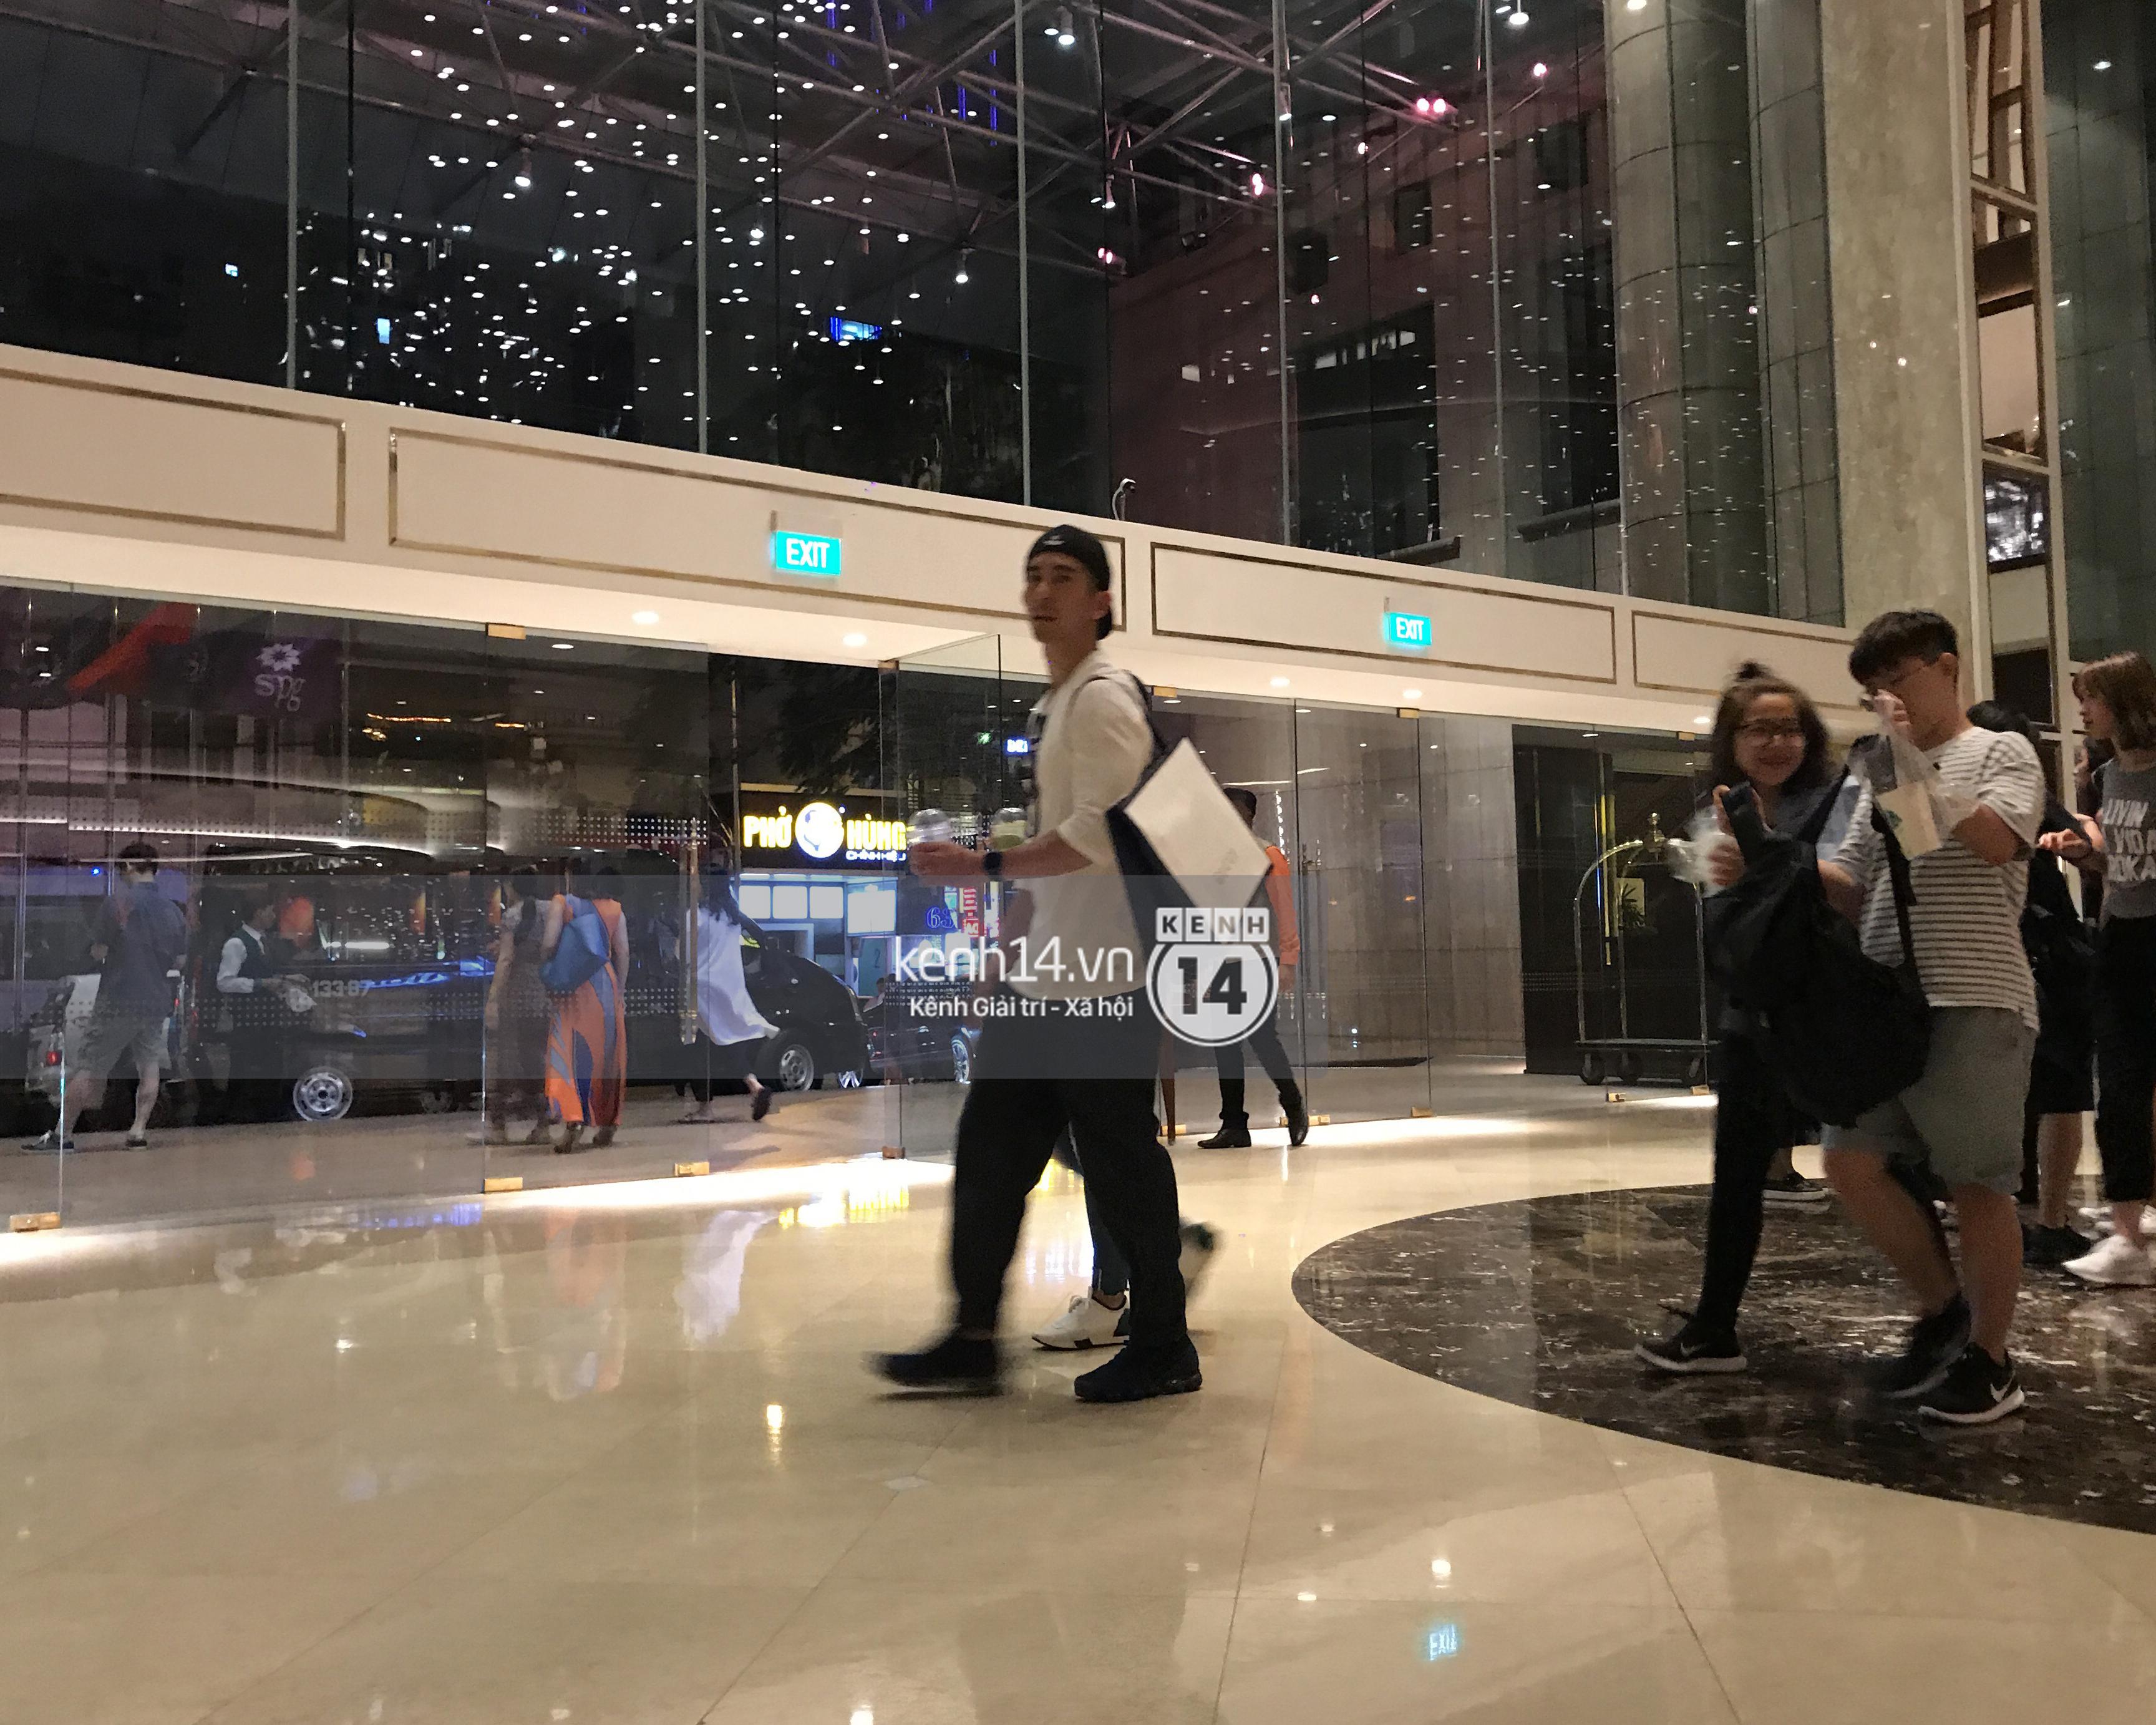 ĐỘC QUYỀN: Vợ chồng Triệu Mẫn Giả Tịnh Văn bất ngờ khi bị bắt gặp tại khách sạn Sài Gòn - Ảnh 1.